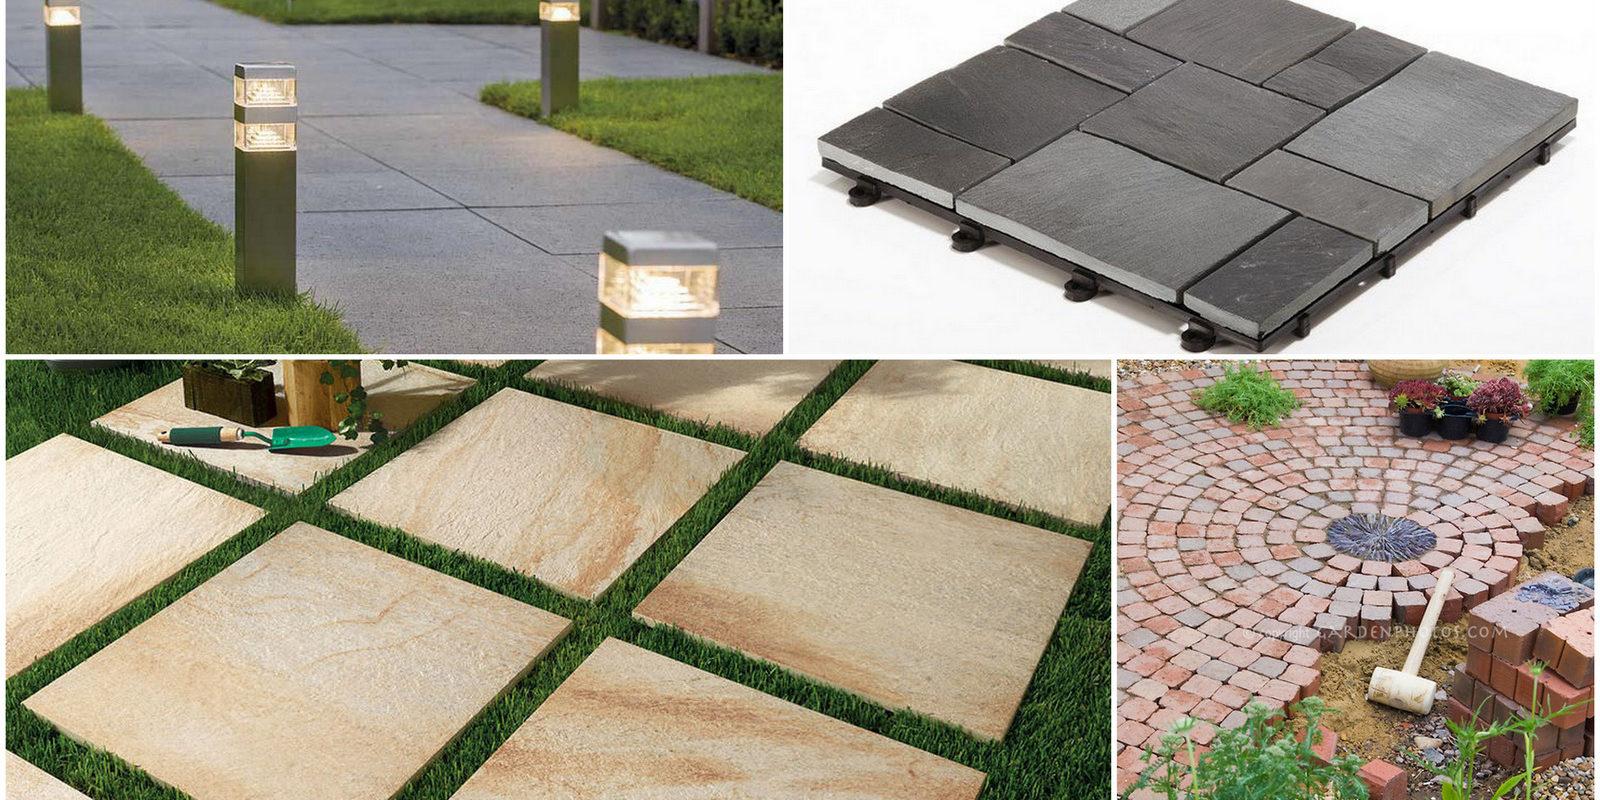 cung cấp vattj liệu sân vườn cảnh quan